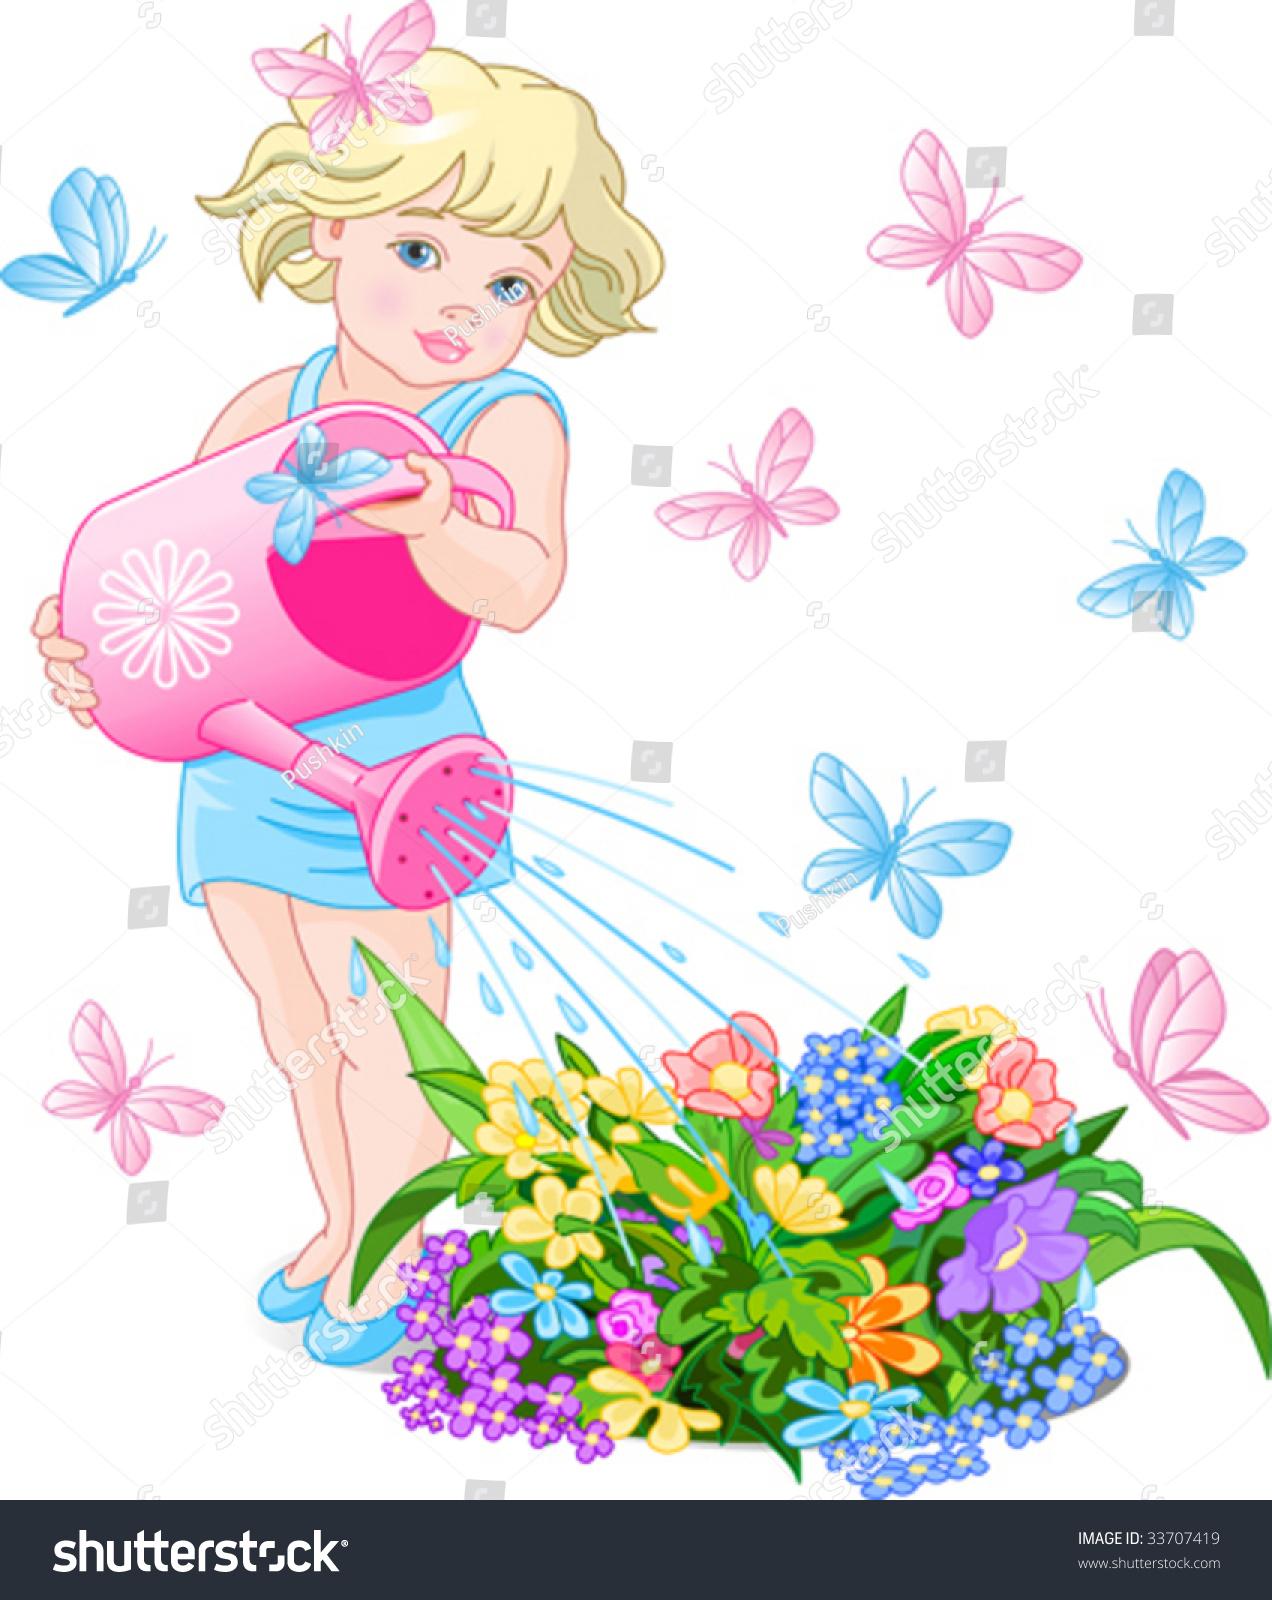 矢量图的一个可爱的小女孩浇花-人物